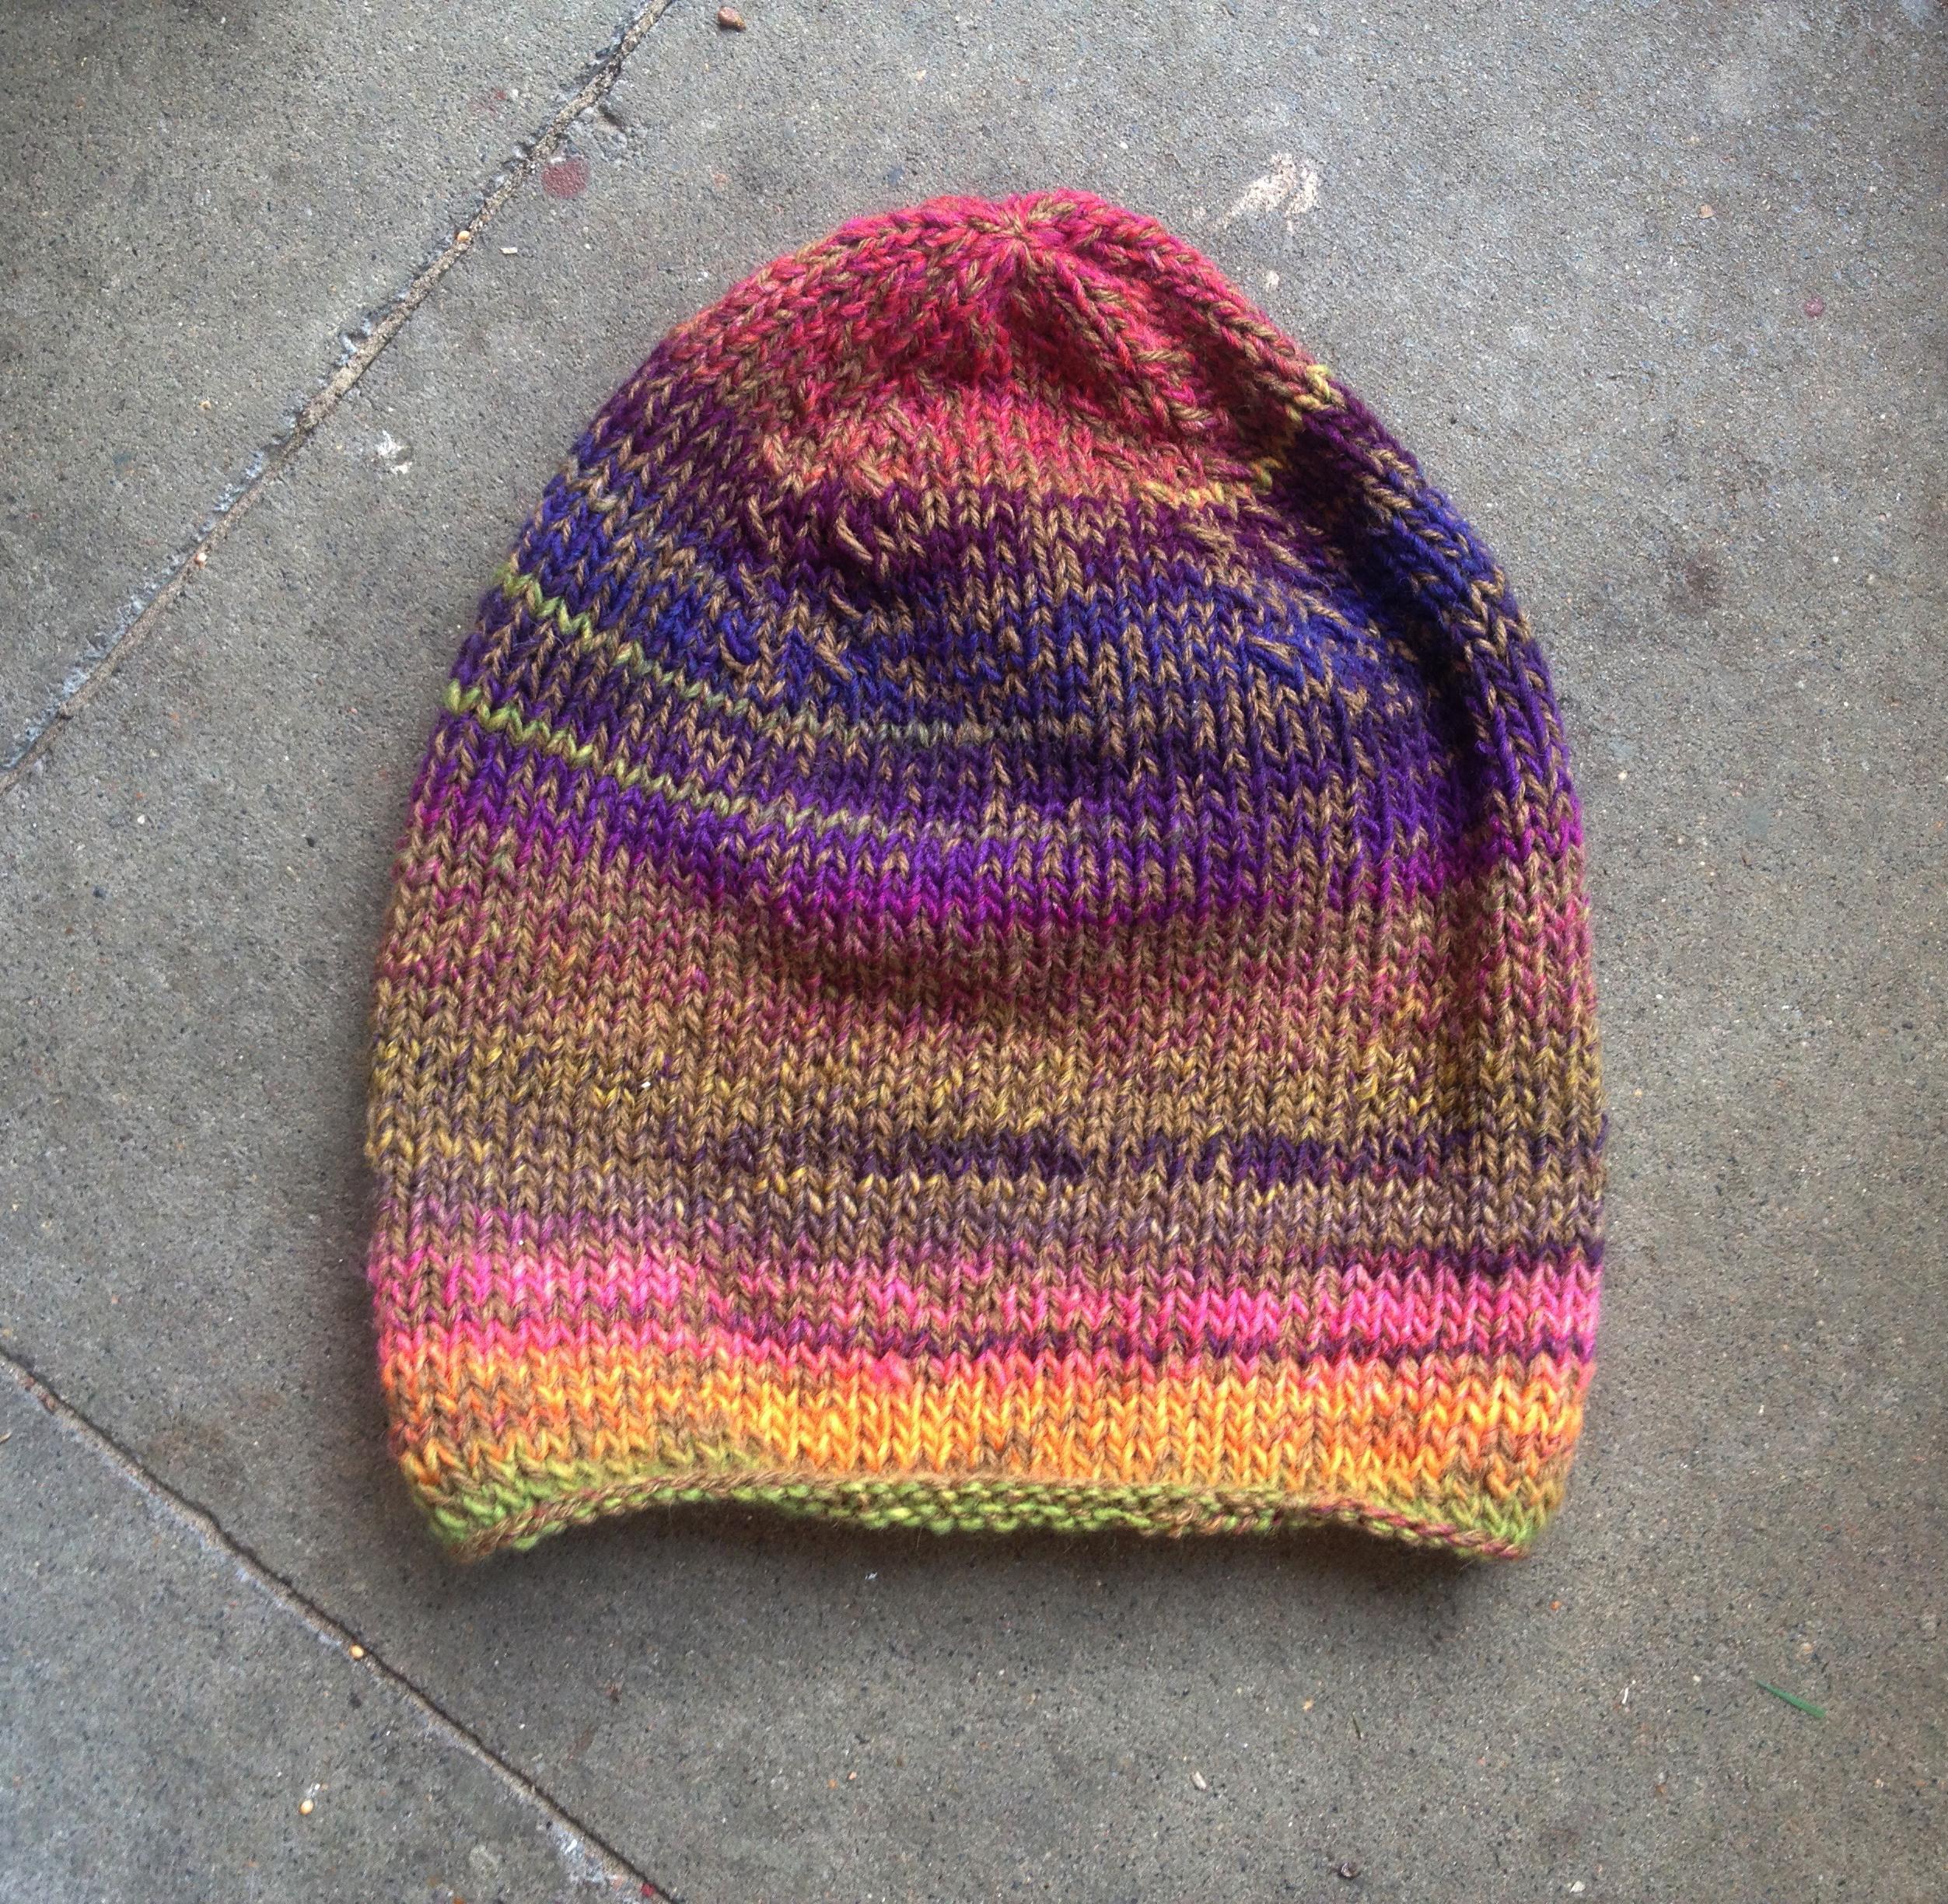 Natur Herbst Winter Schurwolle Mütze Fair Öko Wollmütze Rainbow Multicolor Hippie Gipsy_3